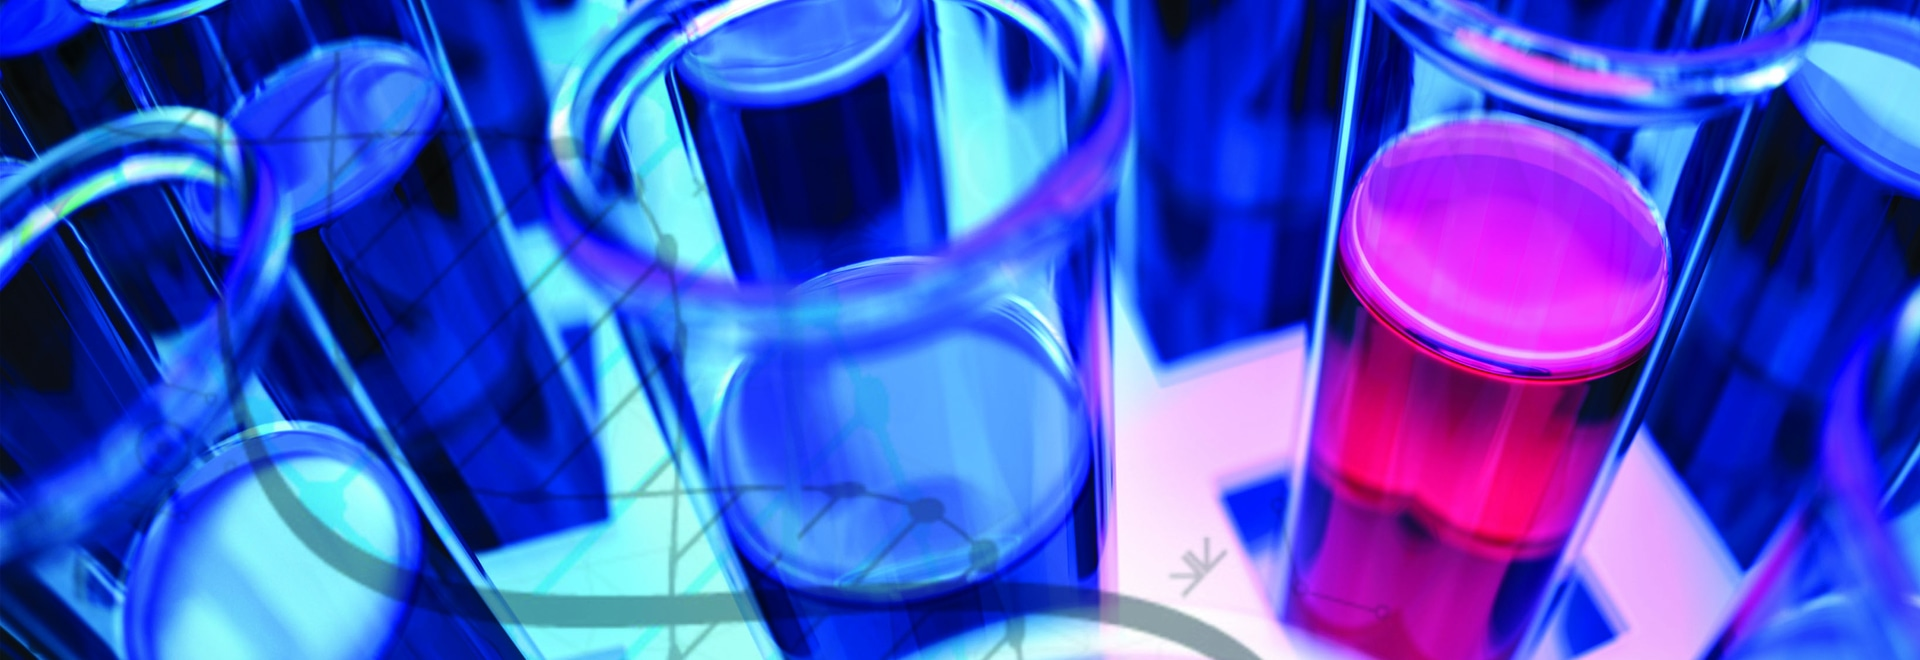 Nuevo proyecto para mejorar diagnosis y el tratamiento del cáncer ovárico